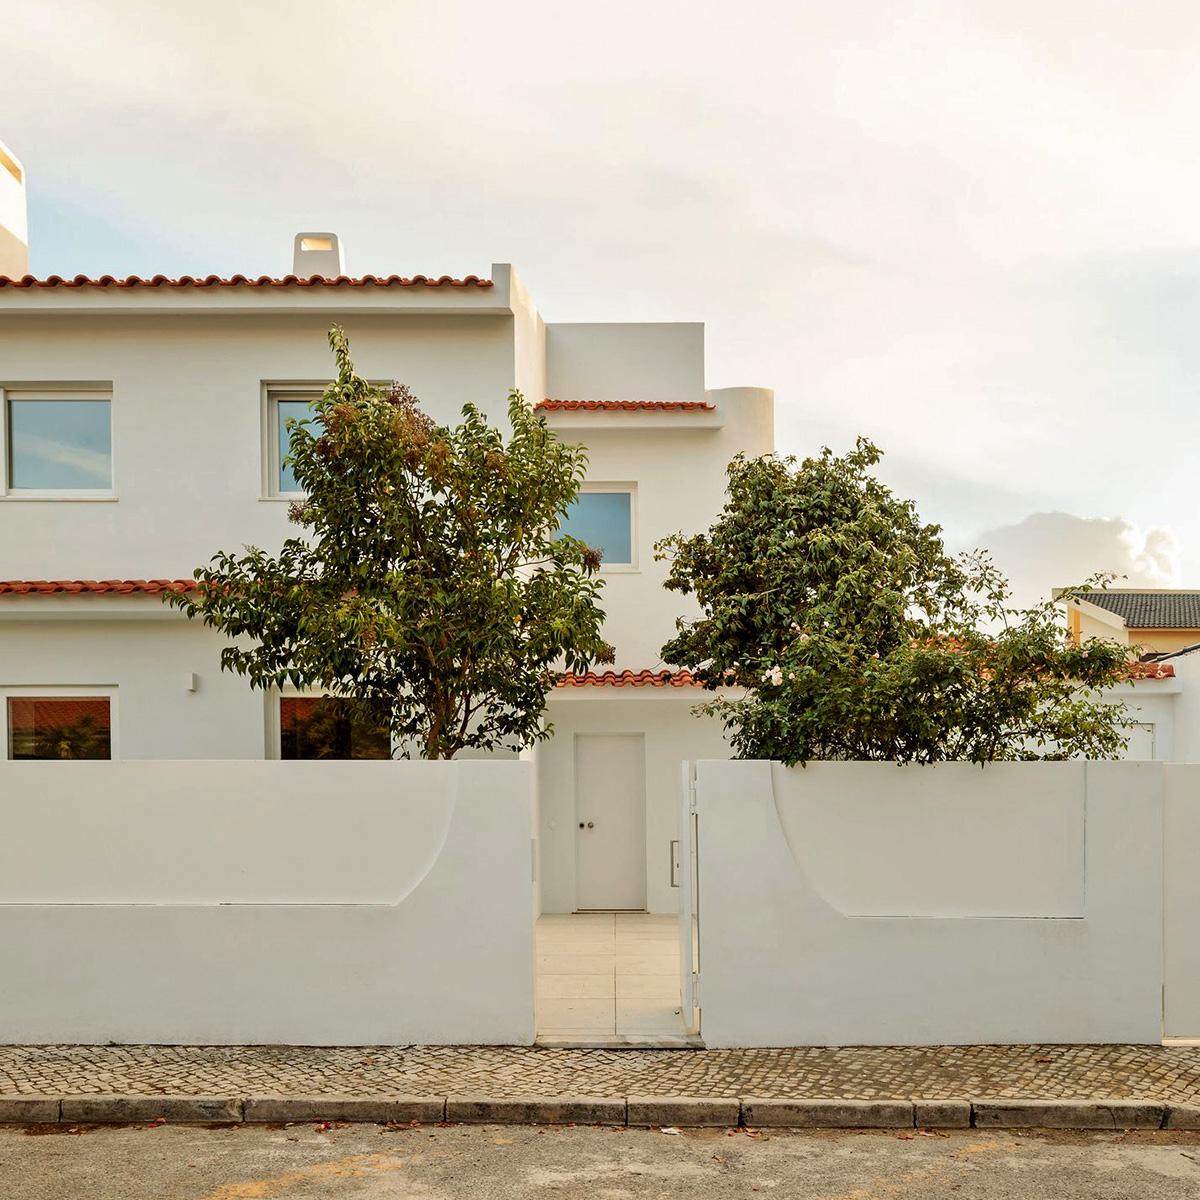 Roof-on-a-Ridge-Nuno-Nascimento-Mattia-Caccin-Francisco-Nogueira-07